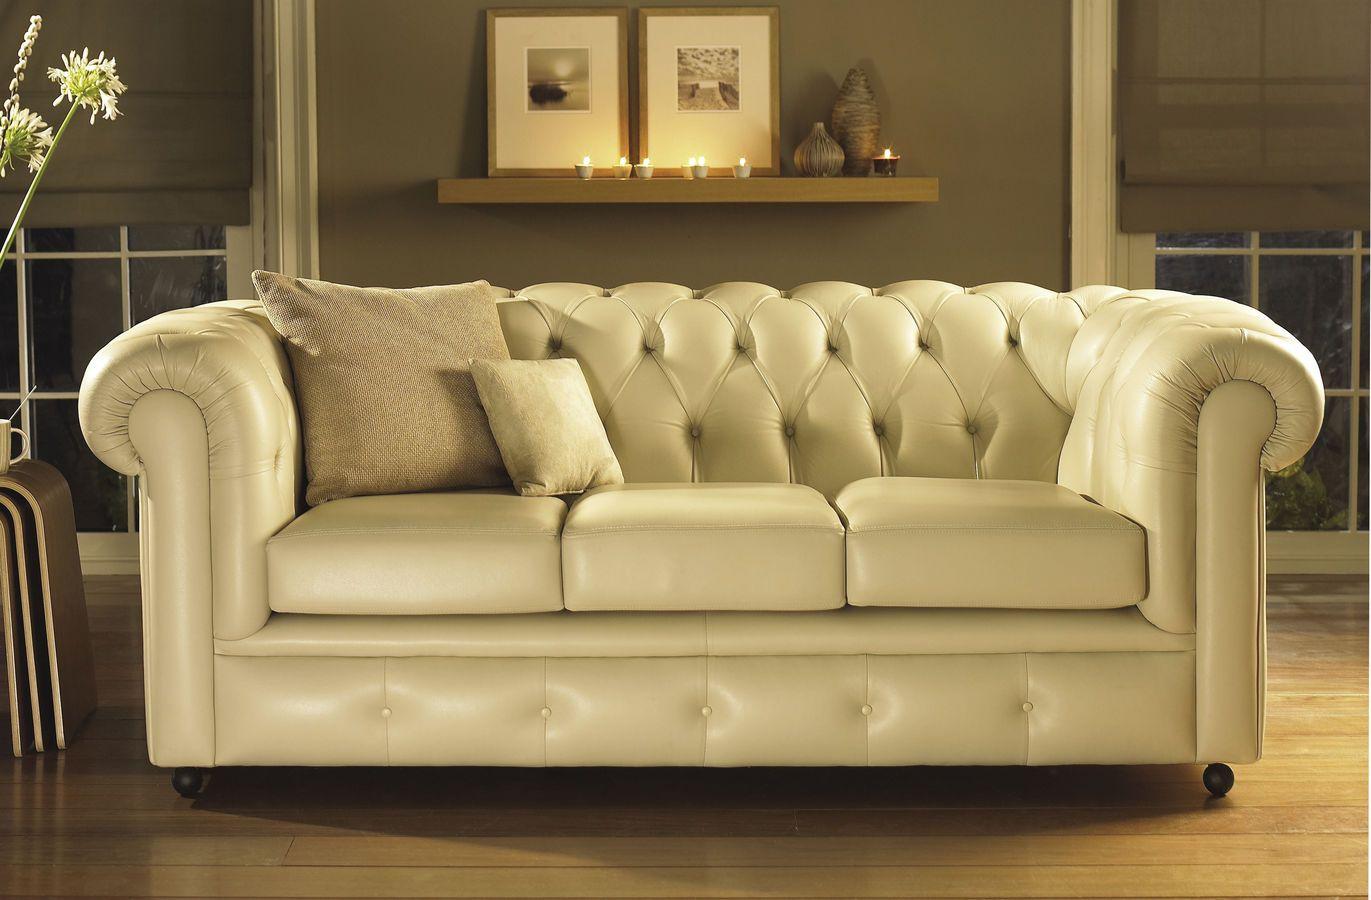 Classic sofa designs Seater Classic Sofa Designs Classic Sofas Ideas Viendoraglasscom Classic Sofa Designs Classic Sofas Ideas Sofa Designs